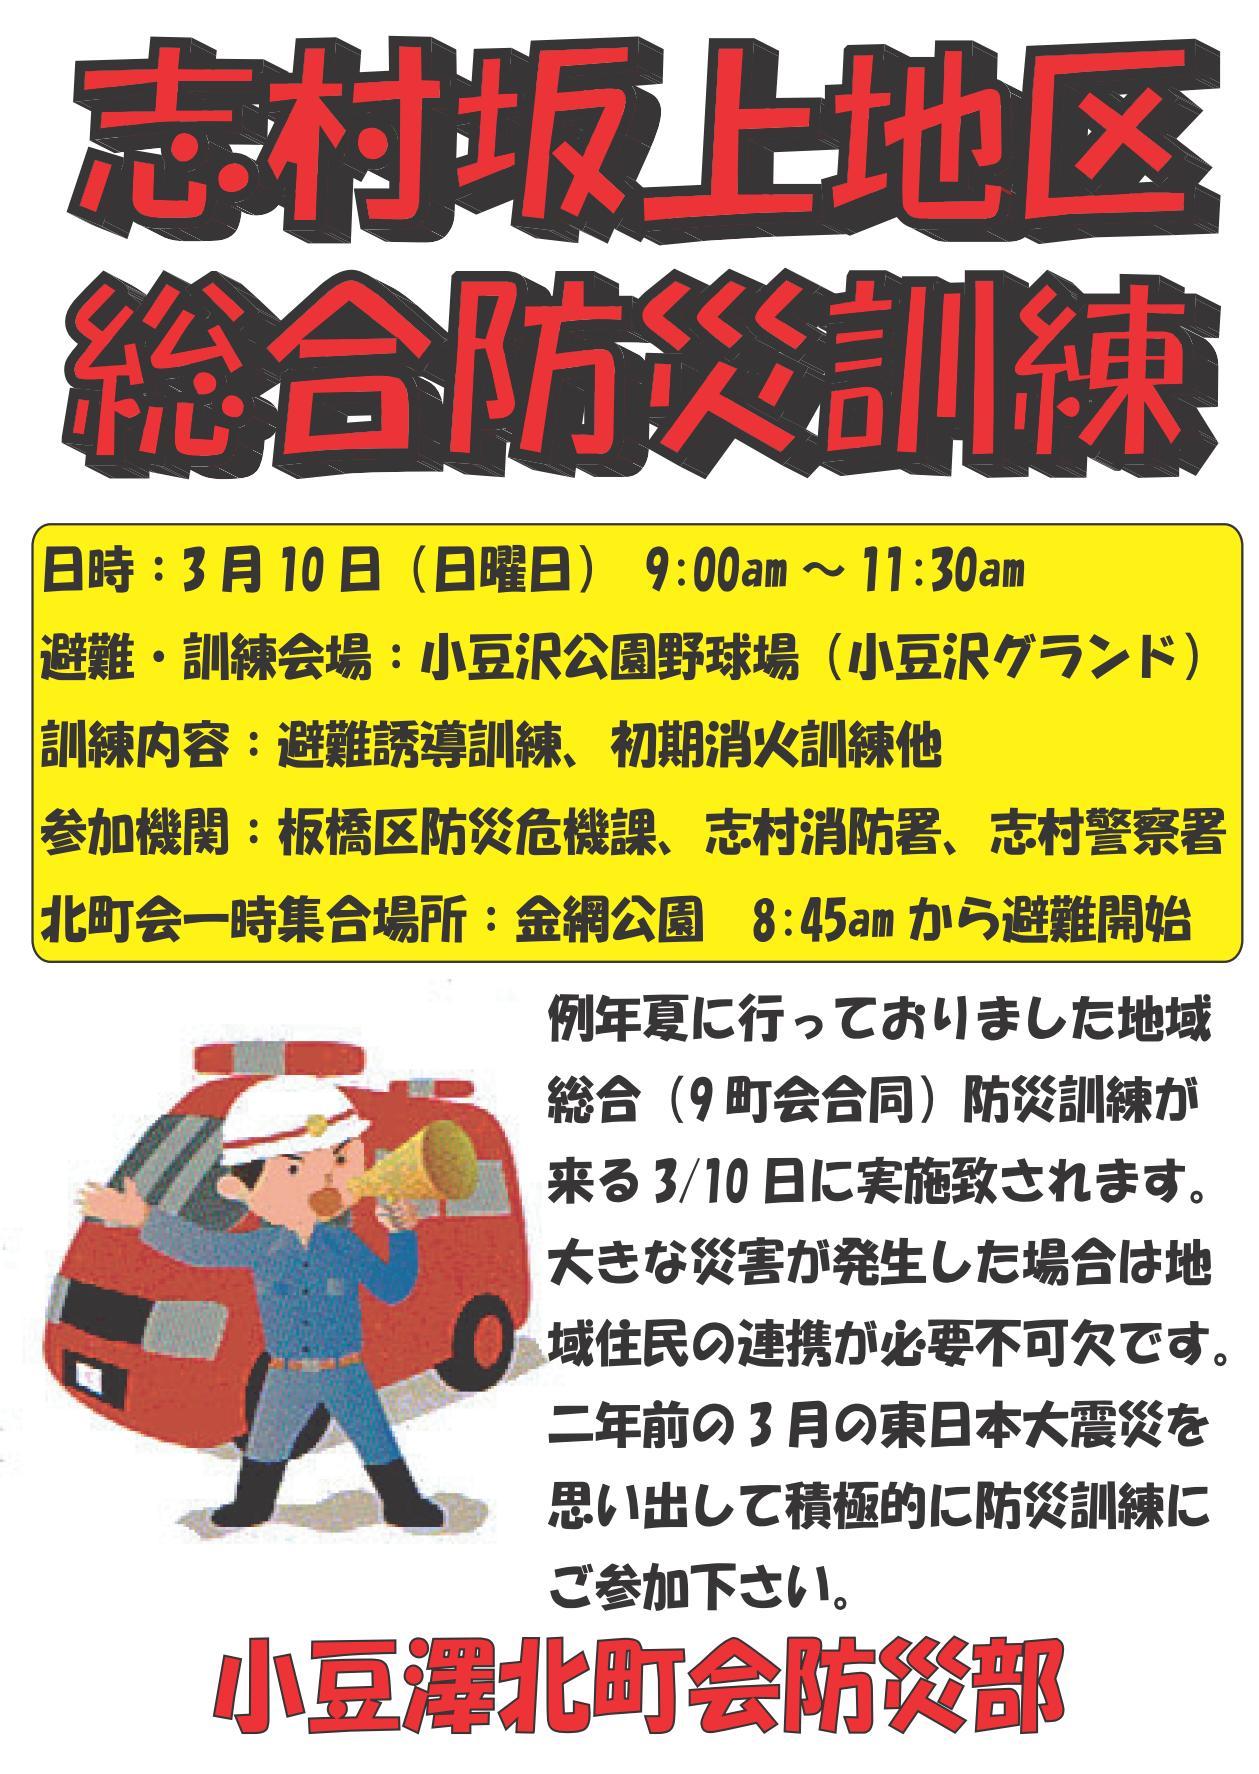 2013-03-10総合防災訓練